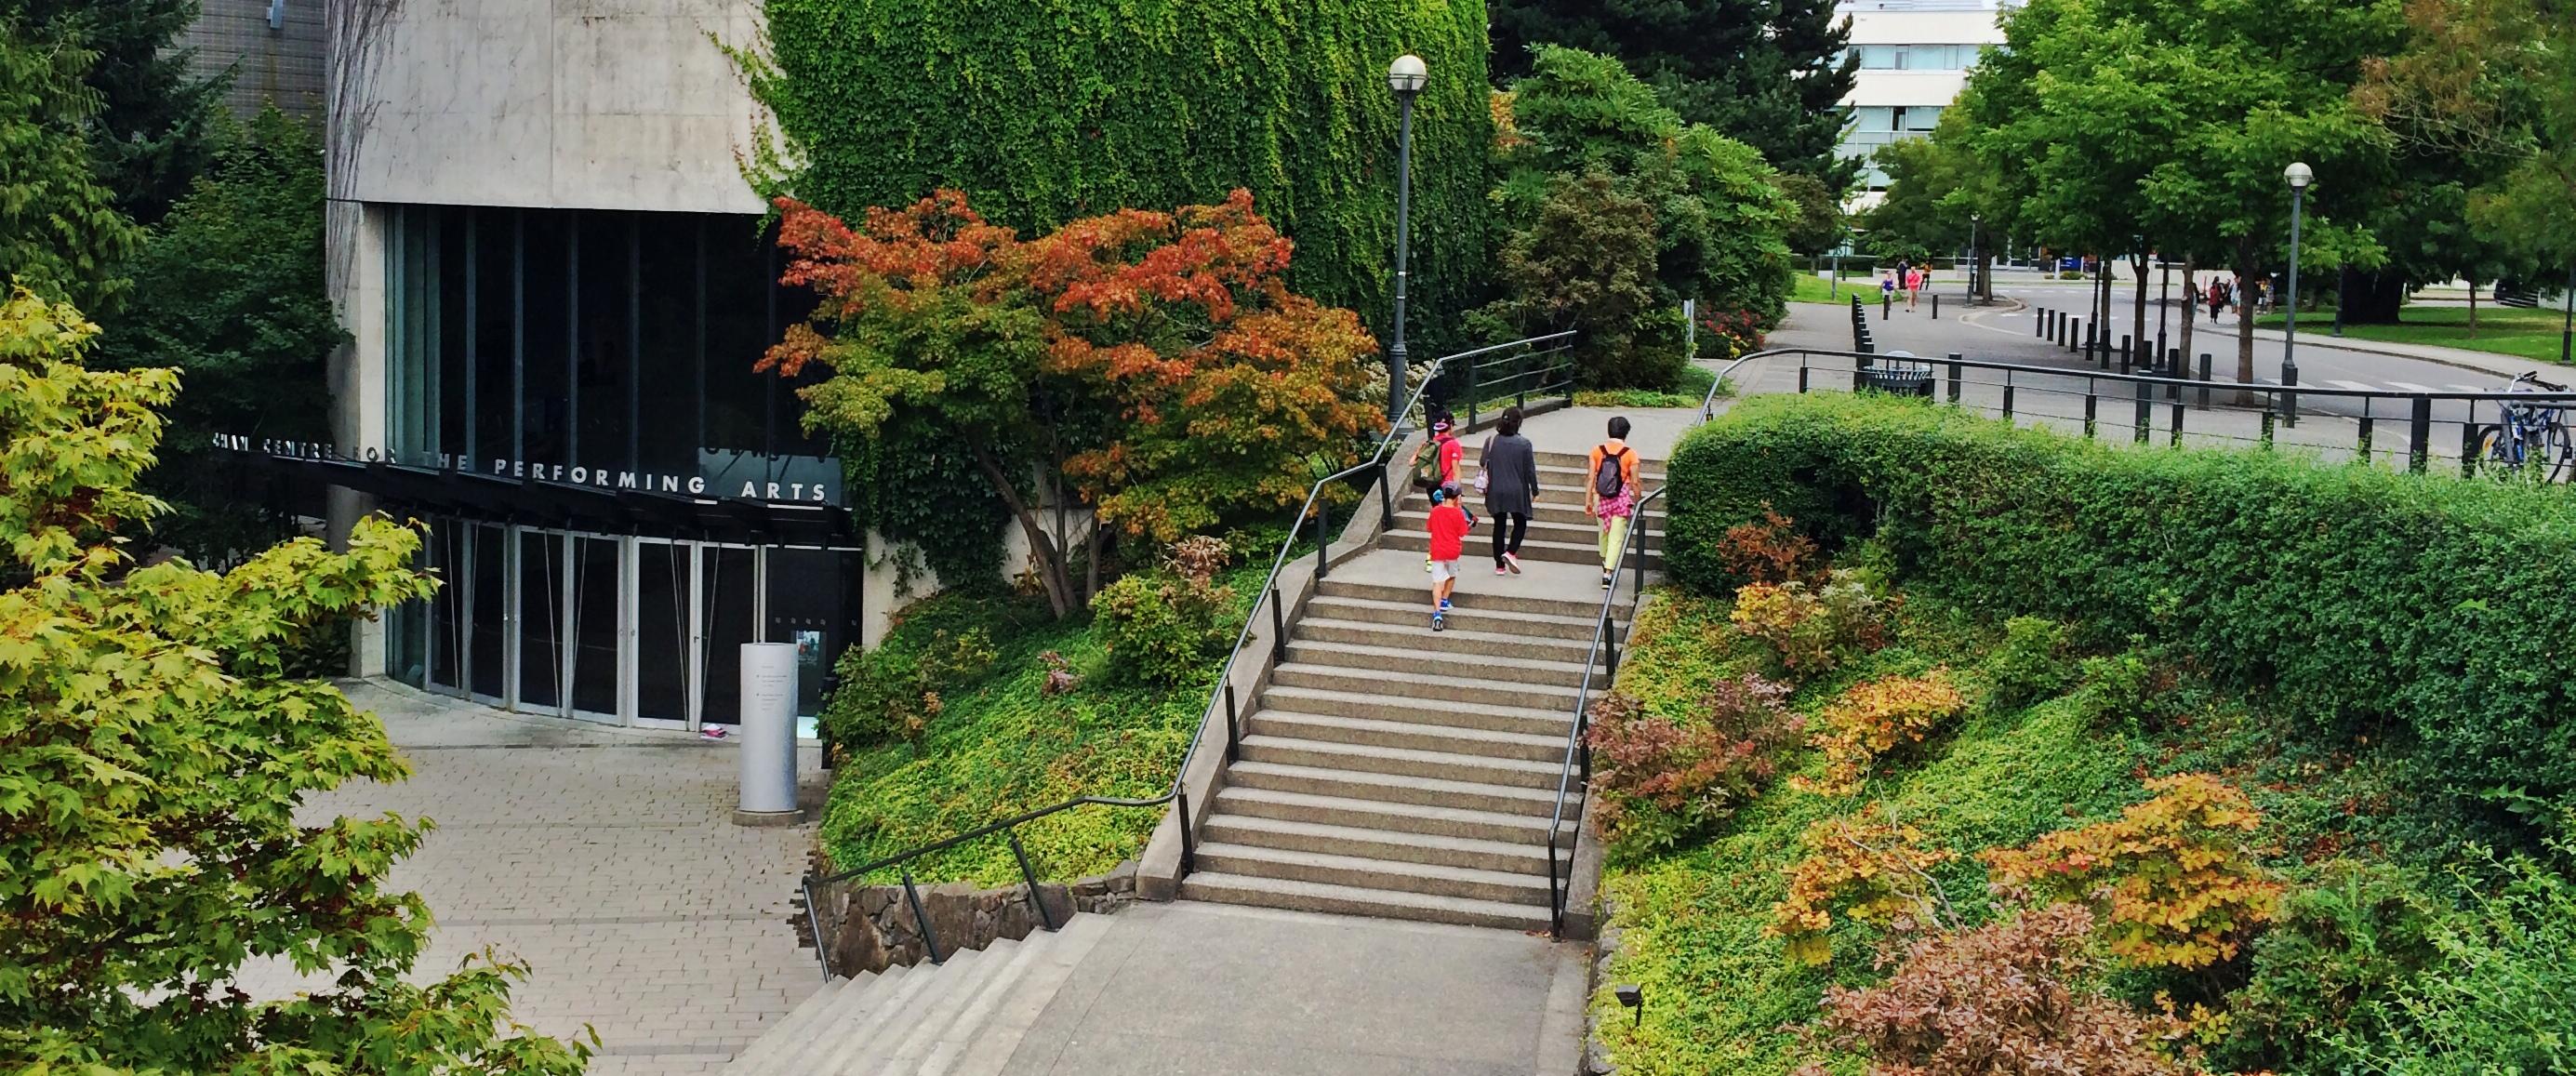 ubc application open personal profile apply Vancouver Okanagan campus program